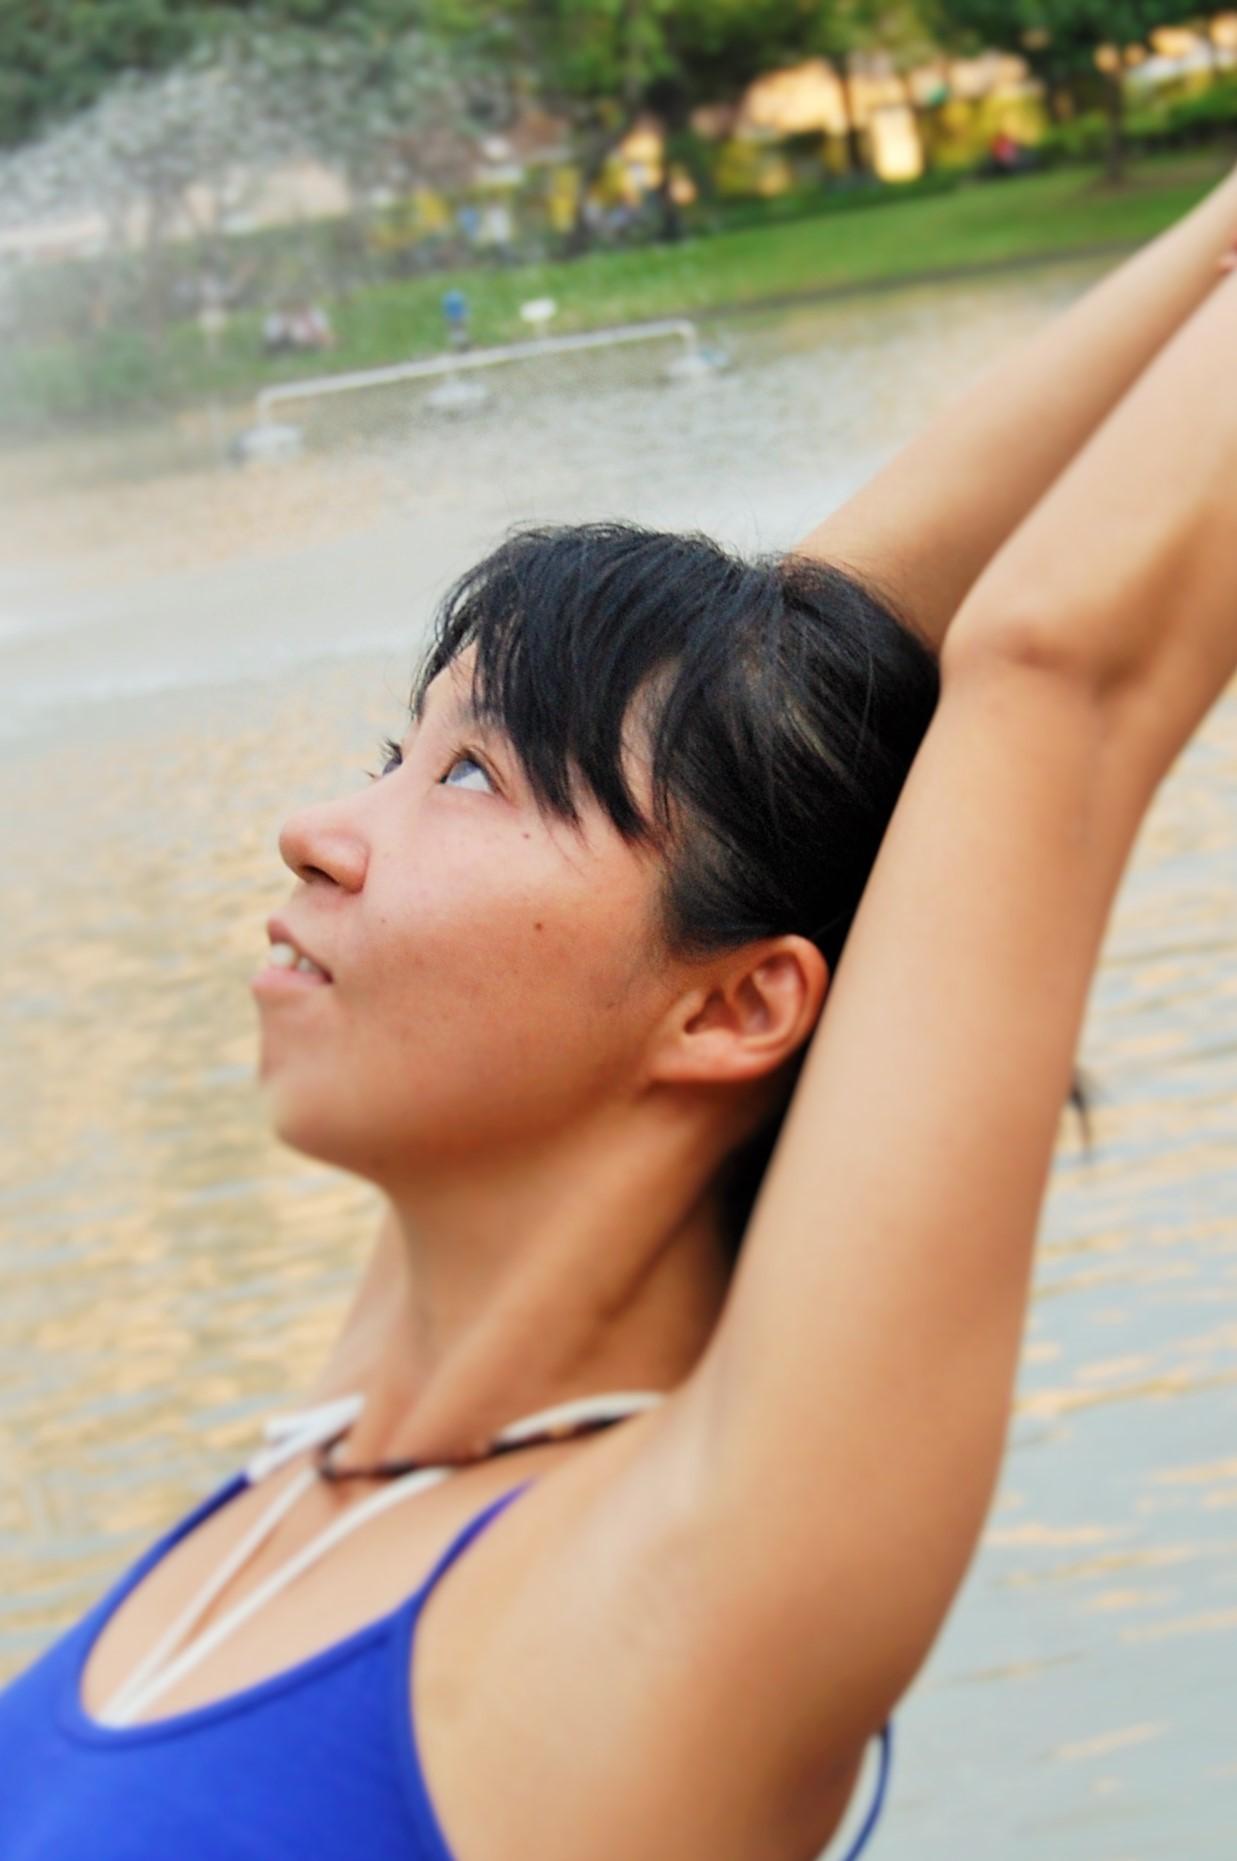 Hot Yoga Studio rcu(ホットヨガスタジオリチュ) - ひぃろ(ヒィロ)さんの写真